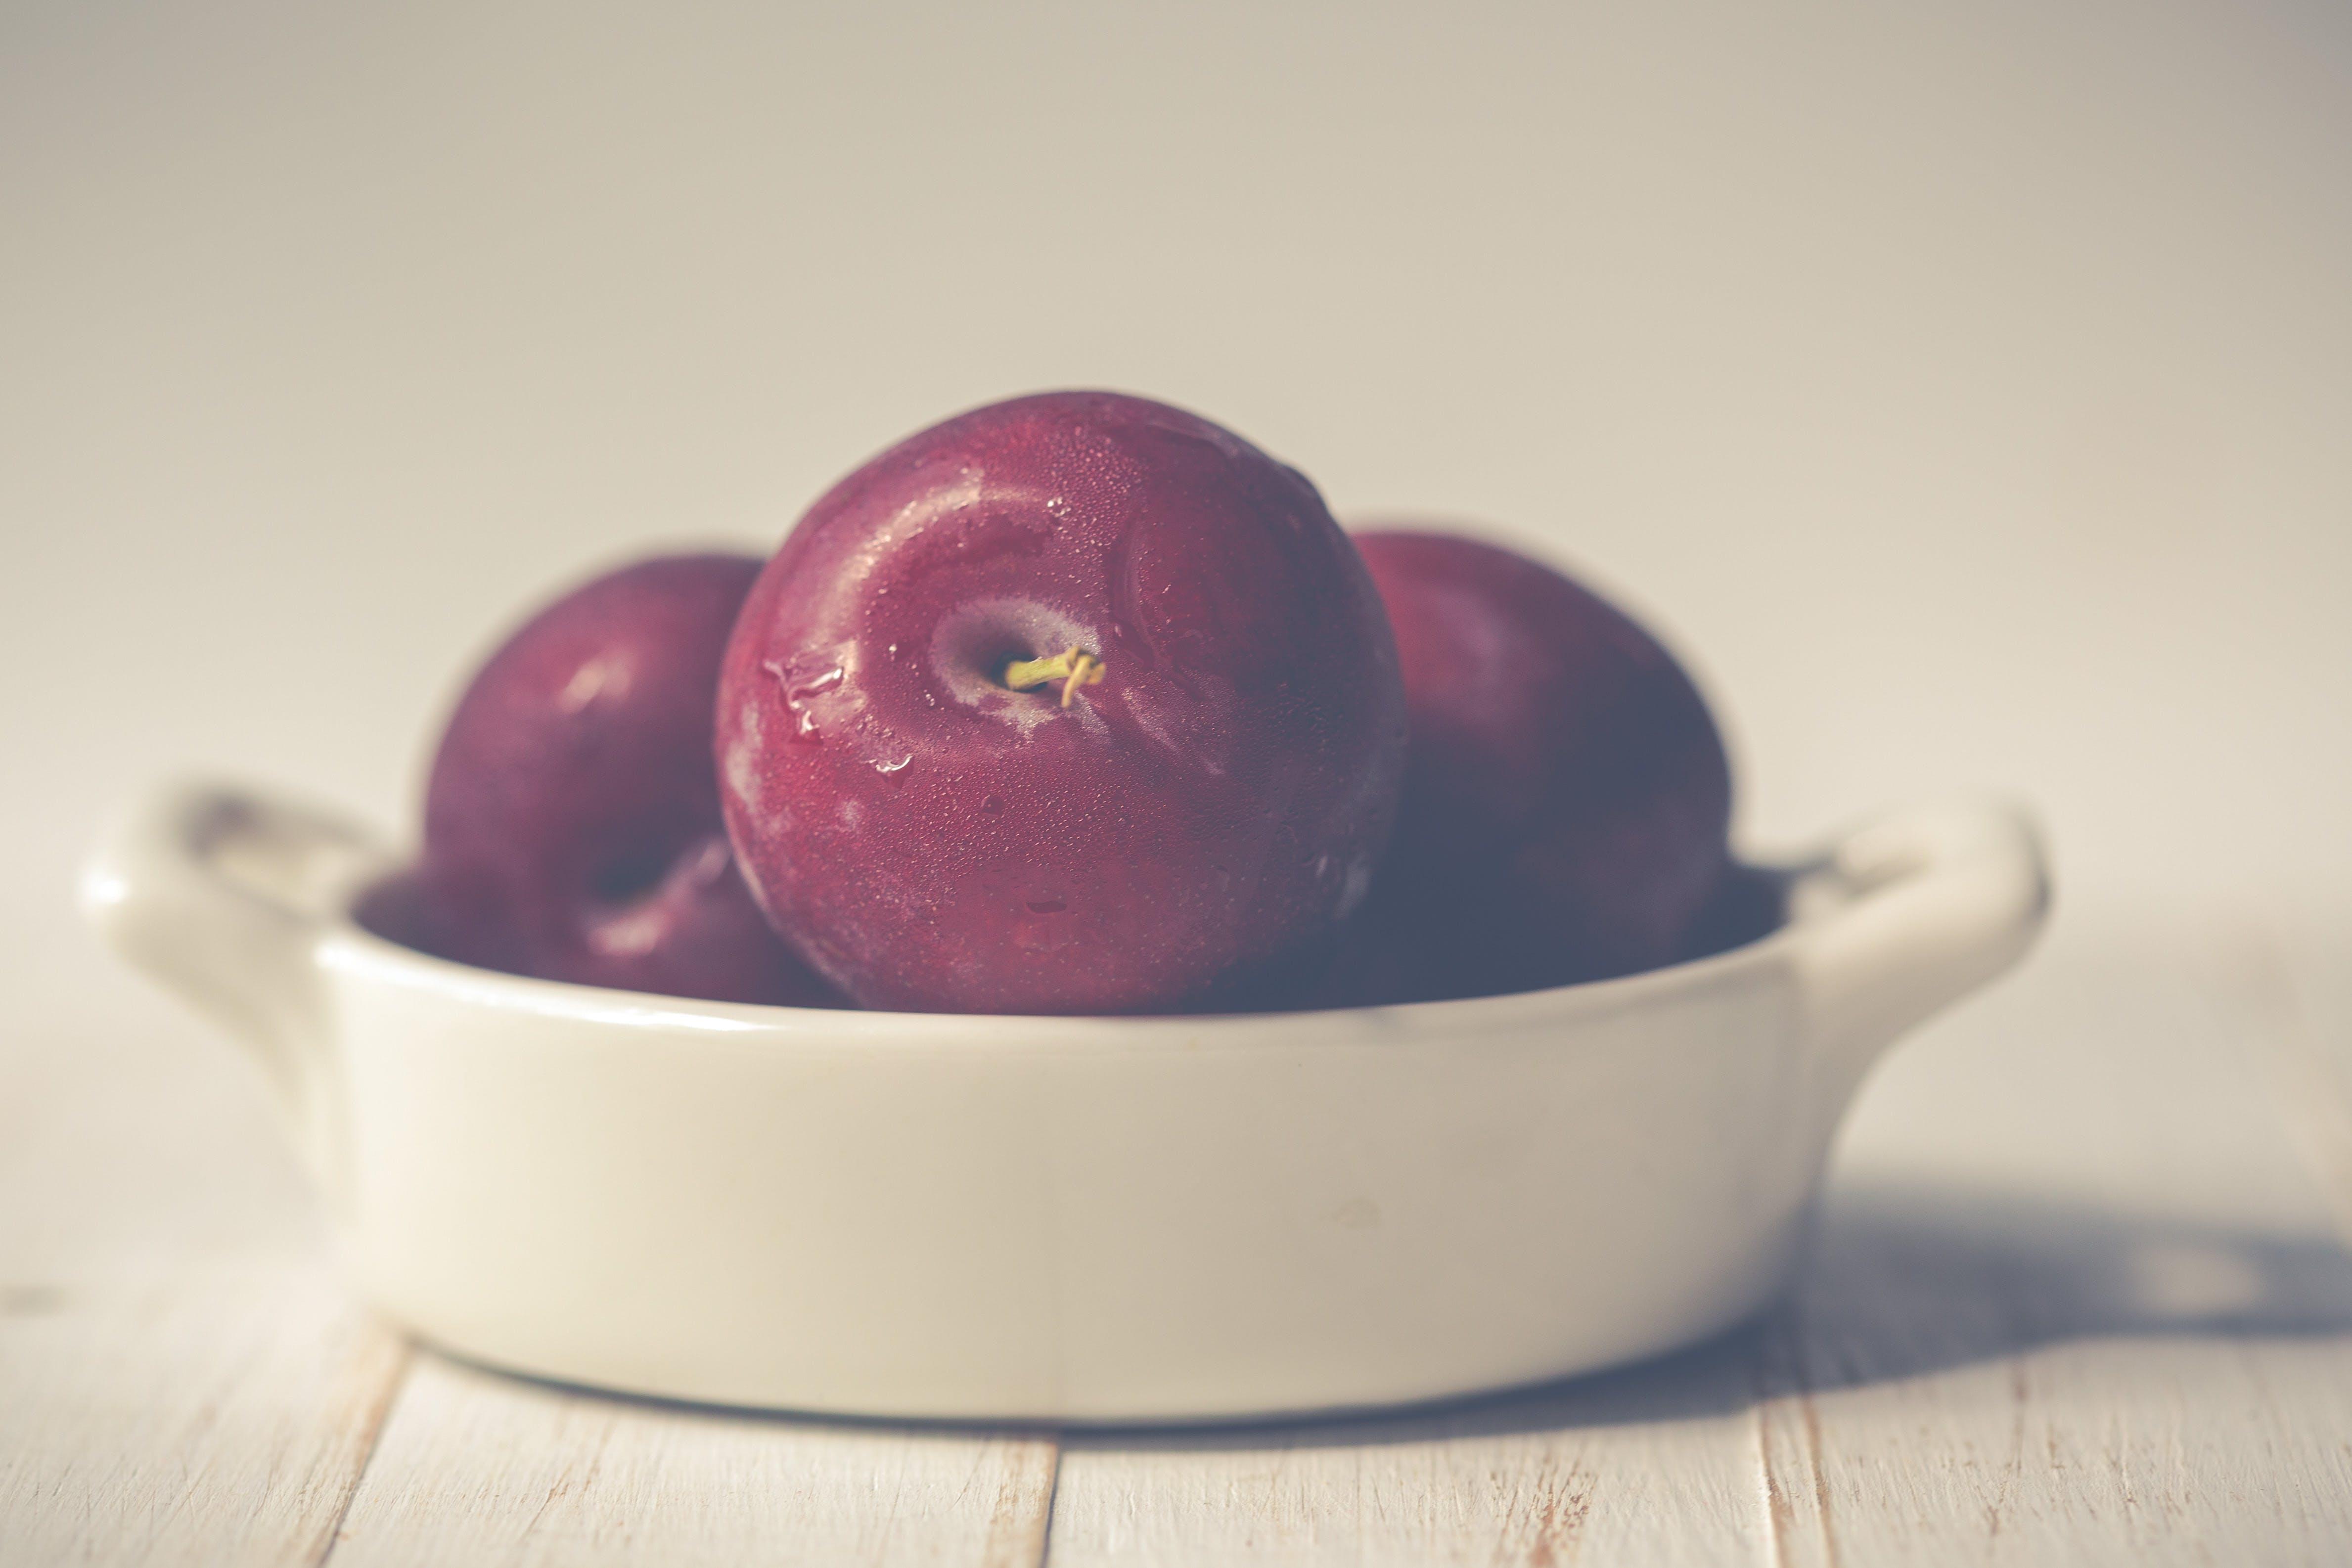 Fotos de stock gratuitas de ciruela, ciruelas, foto macro, Fruta